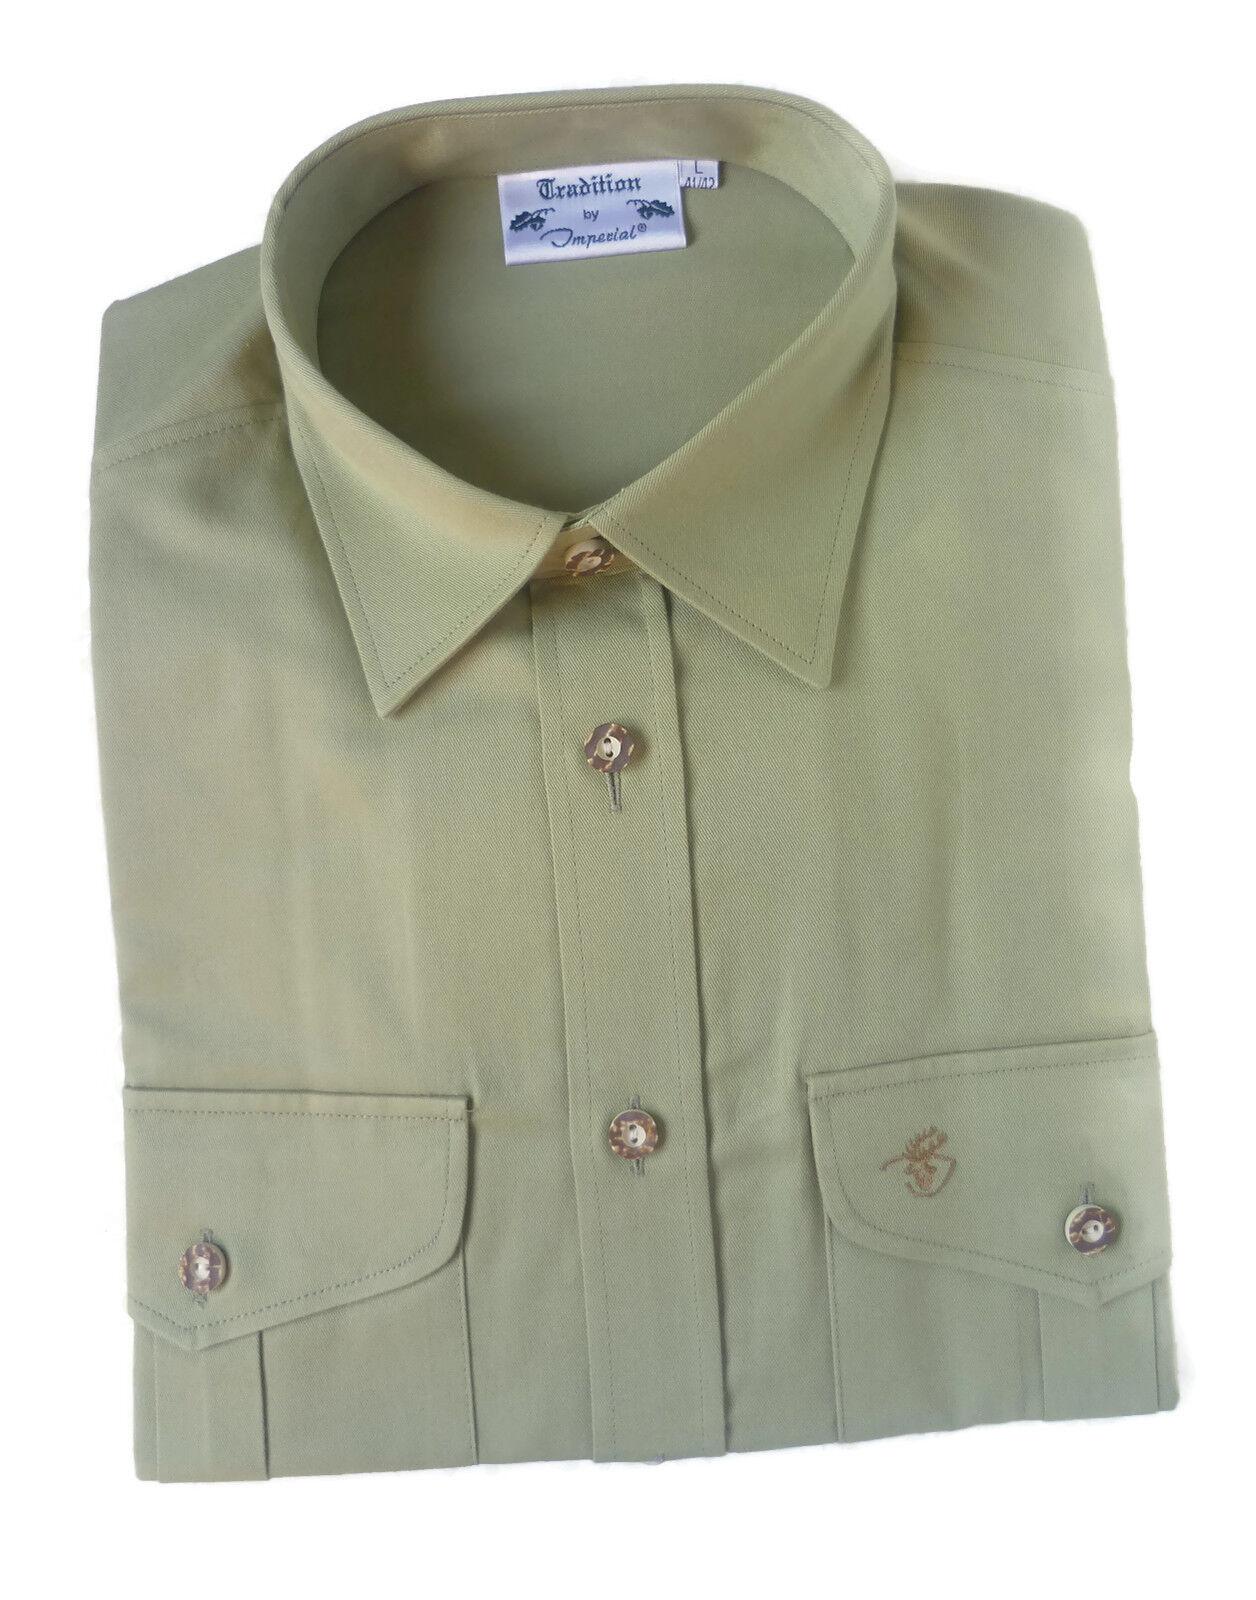 Imperial Hemd, Dehnzonenhemd, Jagdhemd, Herrenhemd, Baumwollhemd, Hemd, Jagd,  | Angemessene Lieferung und pünktliche Lieferung